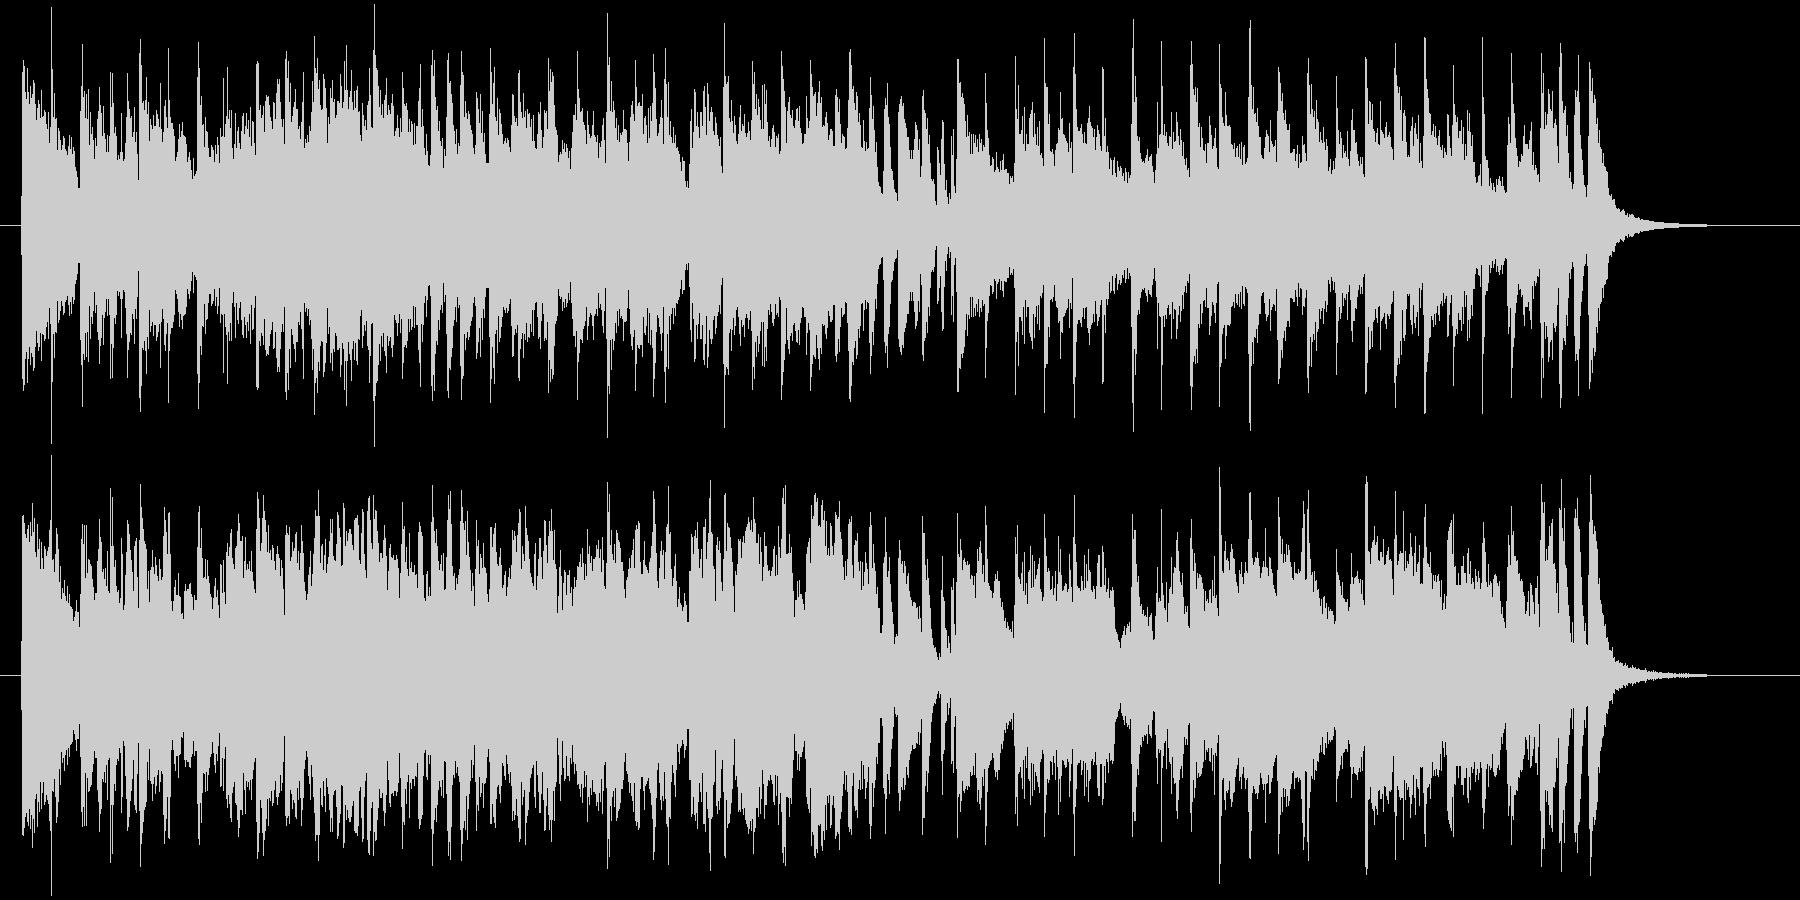 ゆったりと落ち着いた明るい音楽の未再生の波形